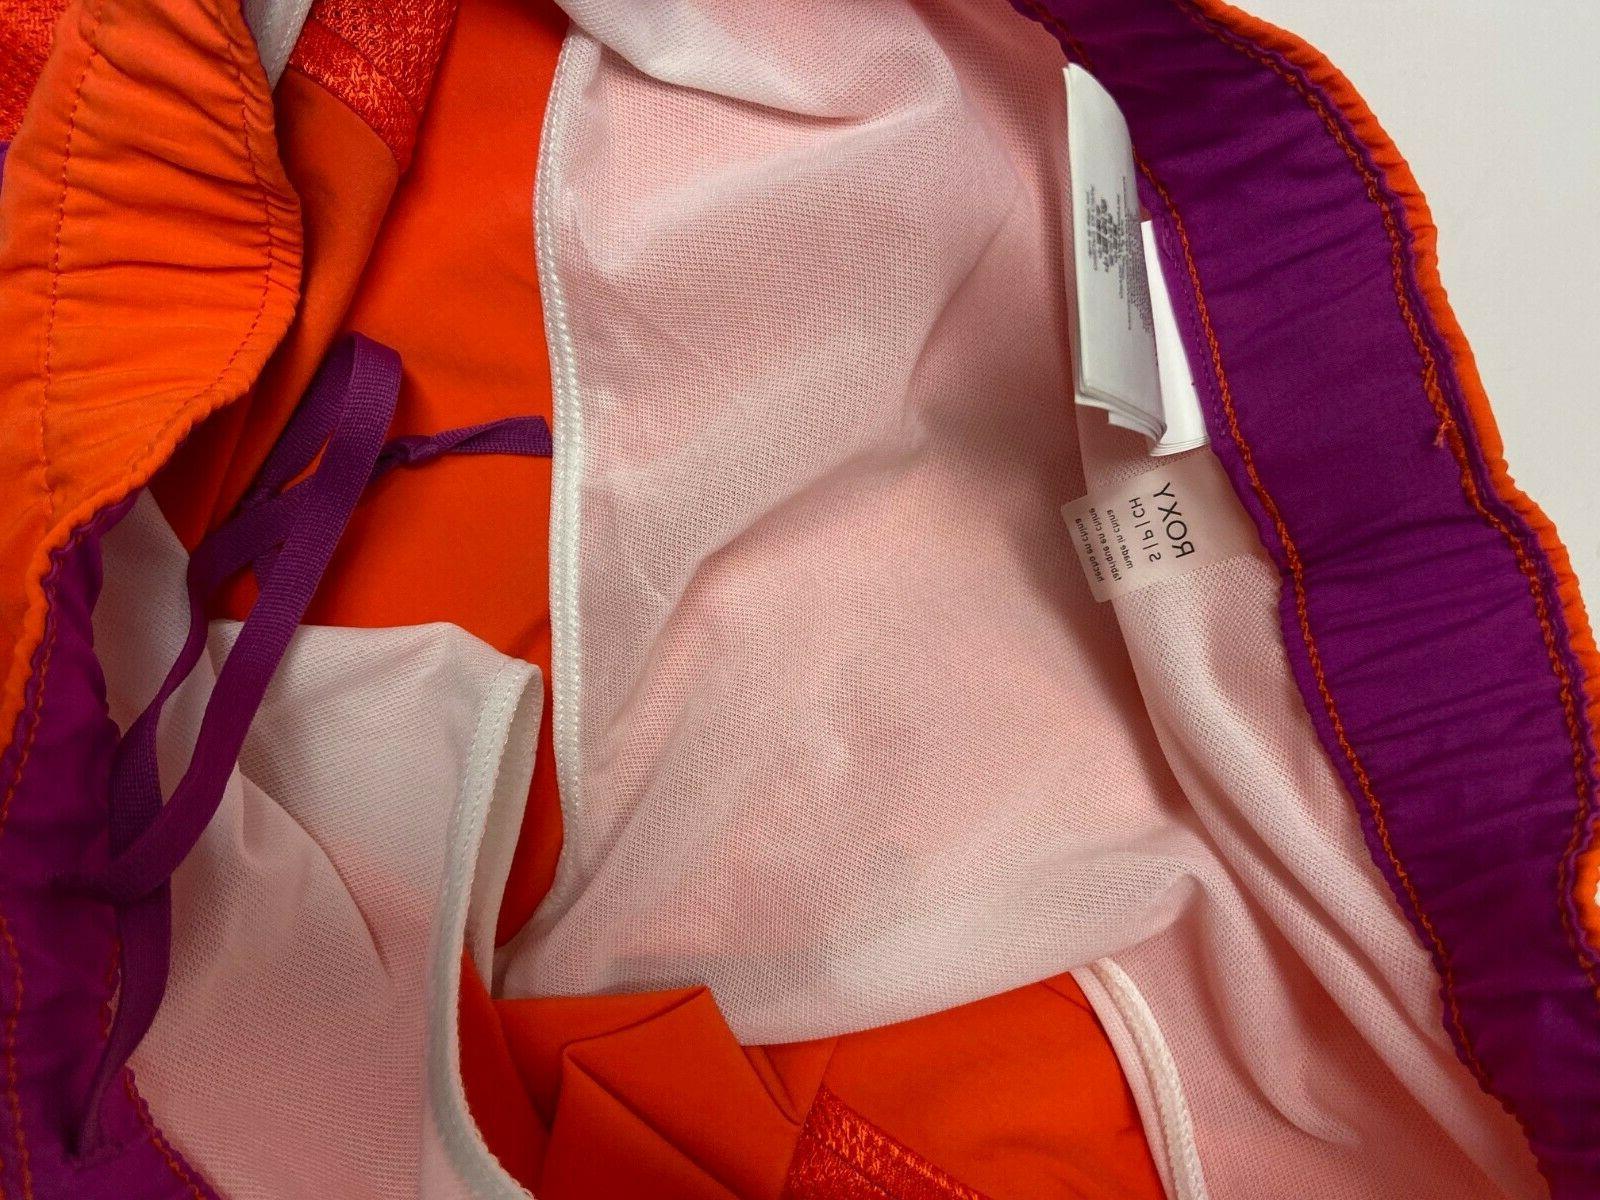 Roxy Shorts NWT Orange Brief Liner Workout